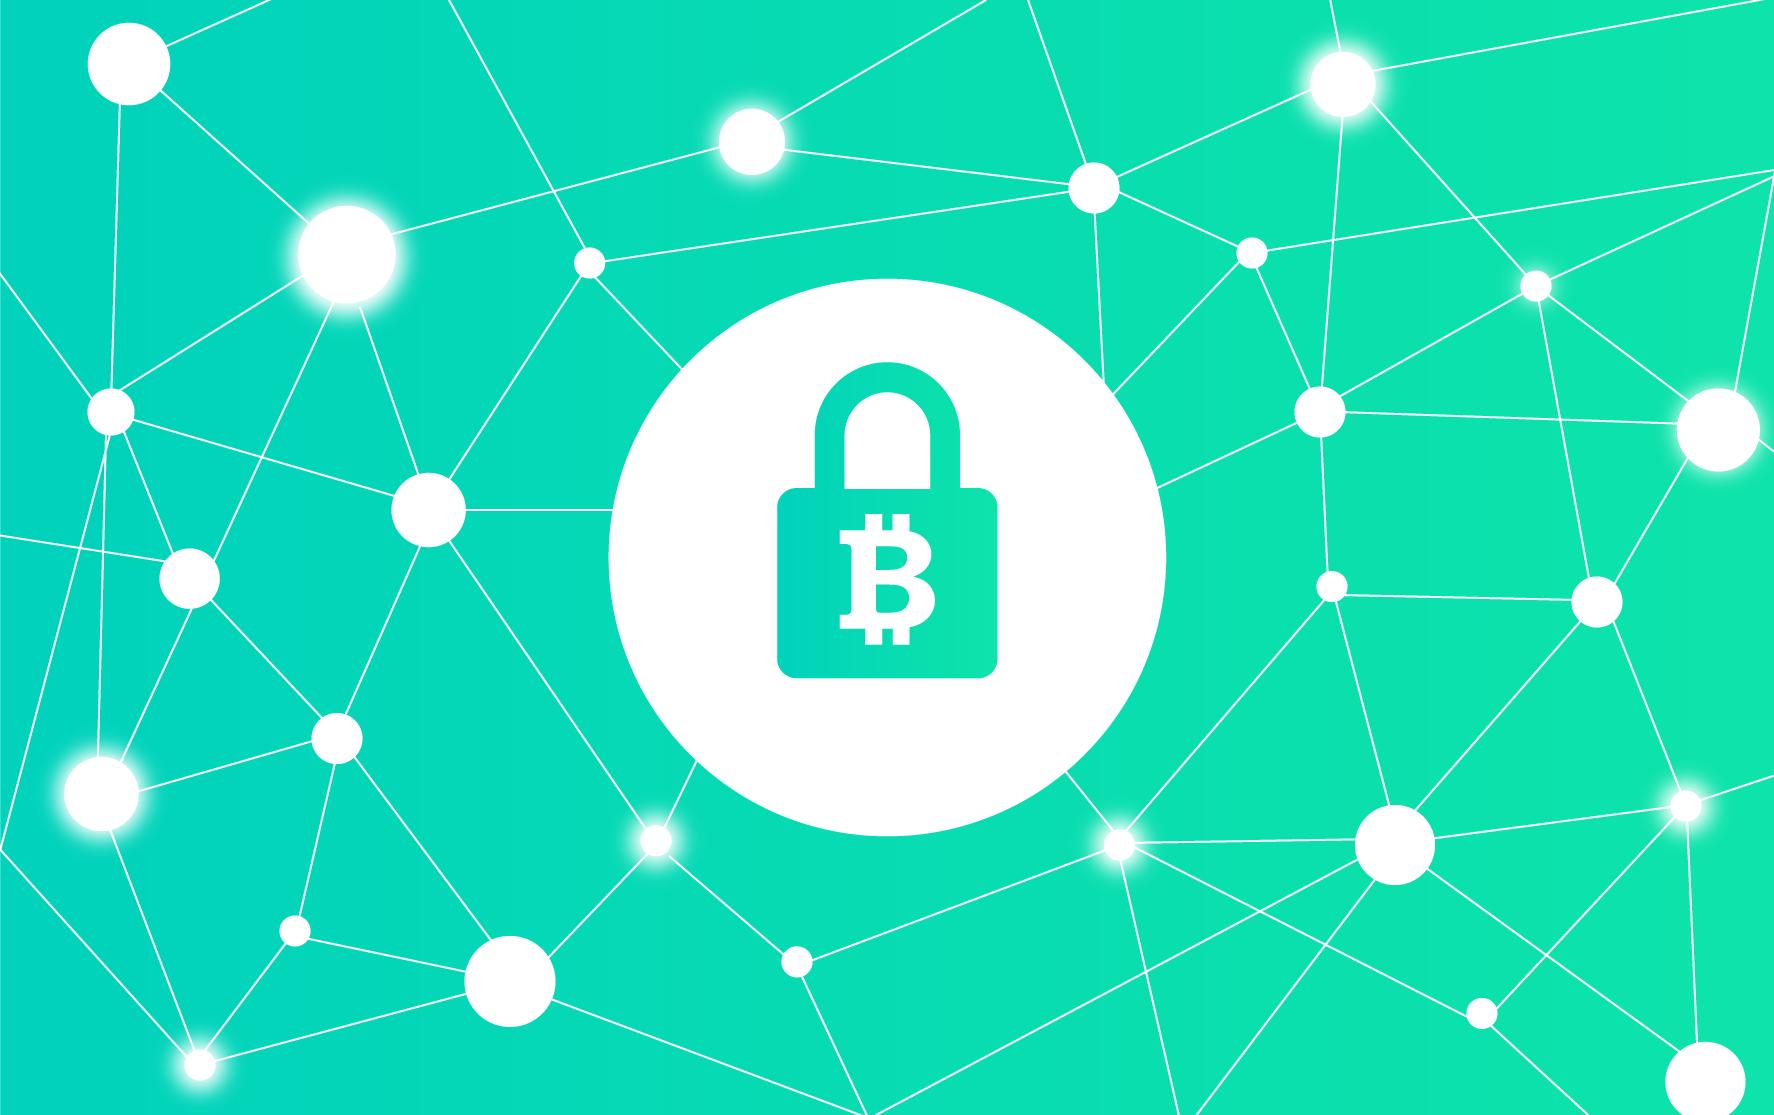 Já ouviu falar em blockchain? Conheça a tecnologia que pode criar uma sociedade mais conectada e livre de corrupção